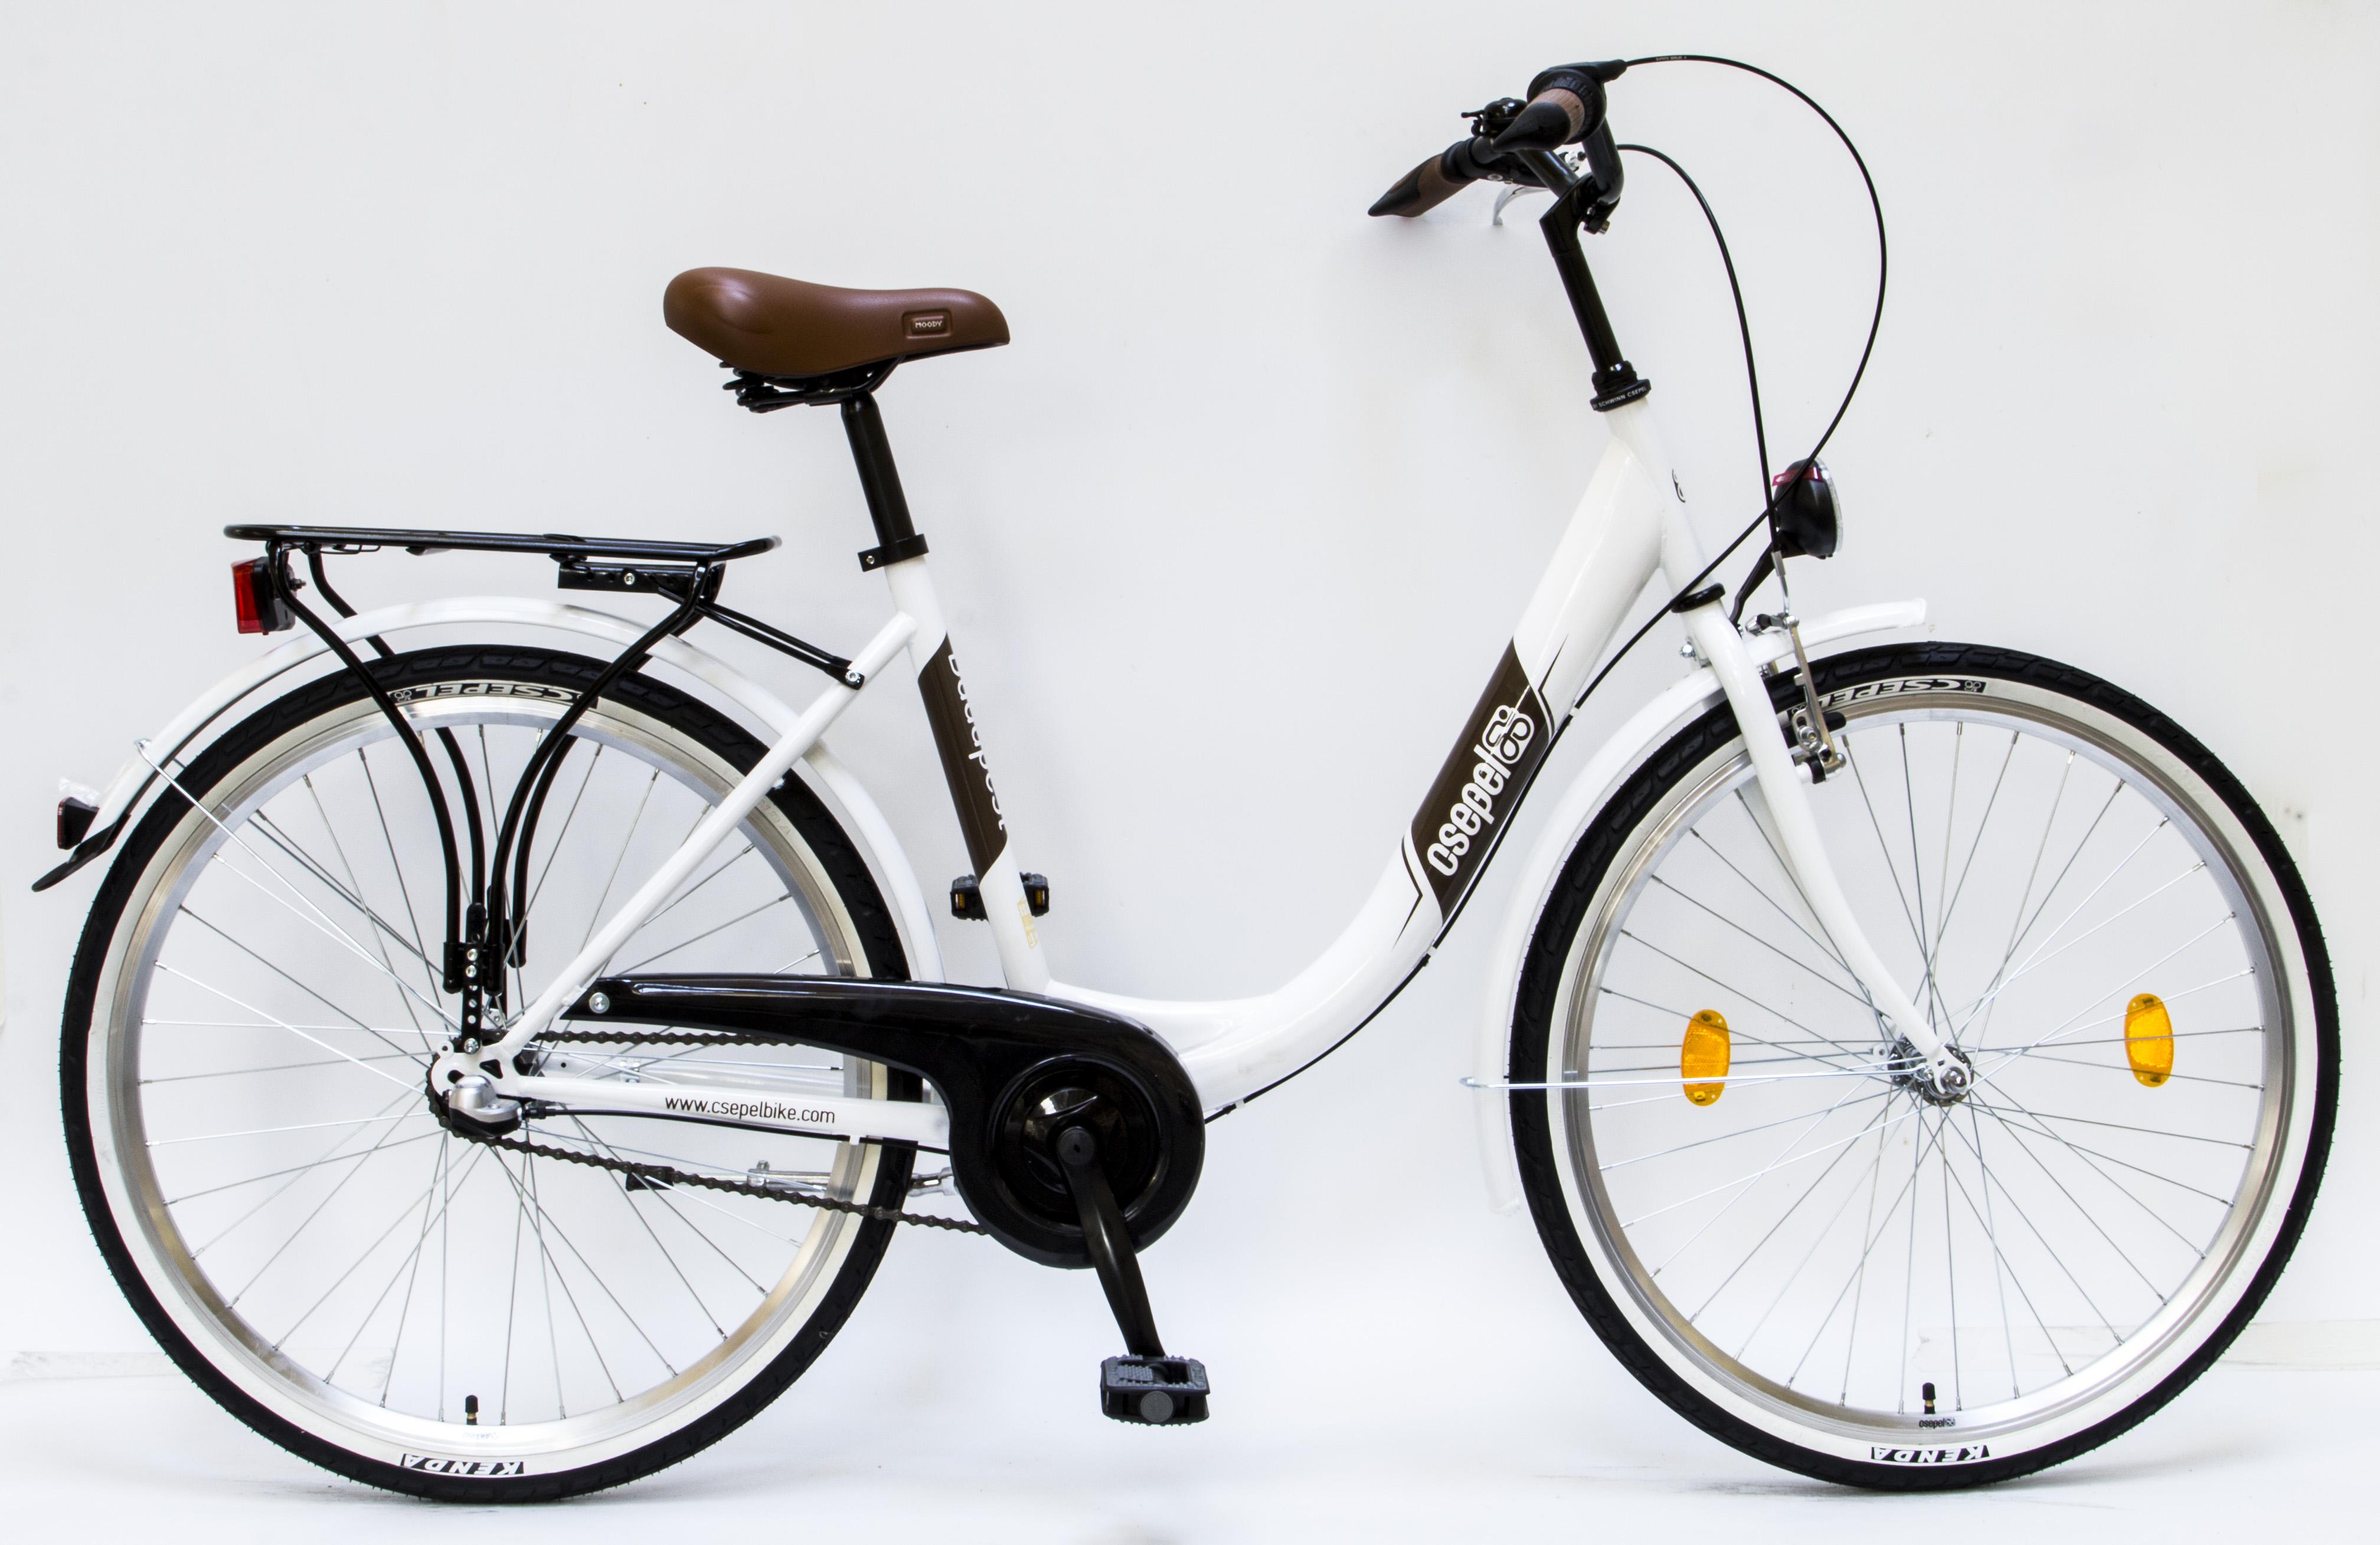 Schwinncsepel BUDAPEST B 26 18 N3 16 női City kerékpár  a0e8be3352